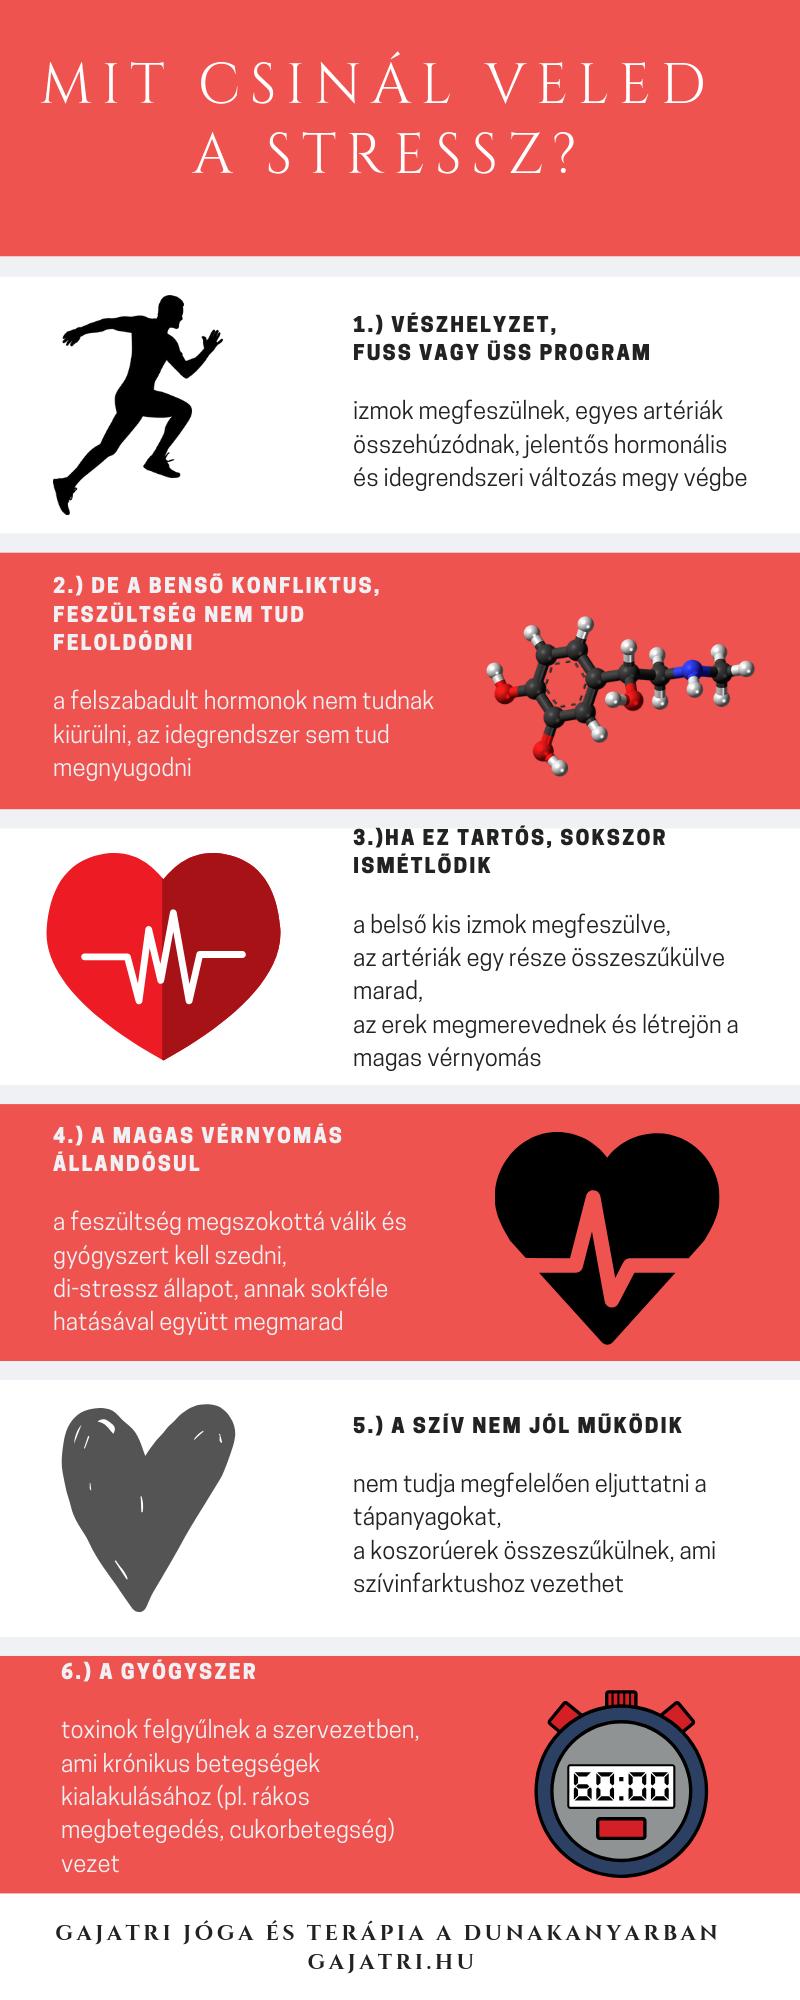 lipid anyagcsere és magas vérnyomás